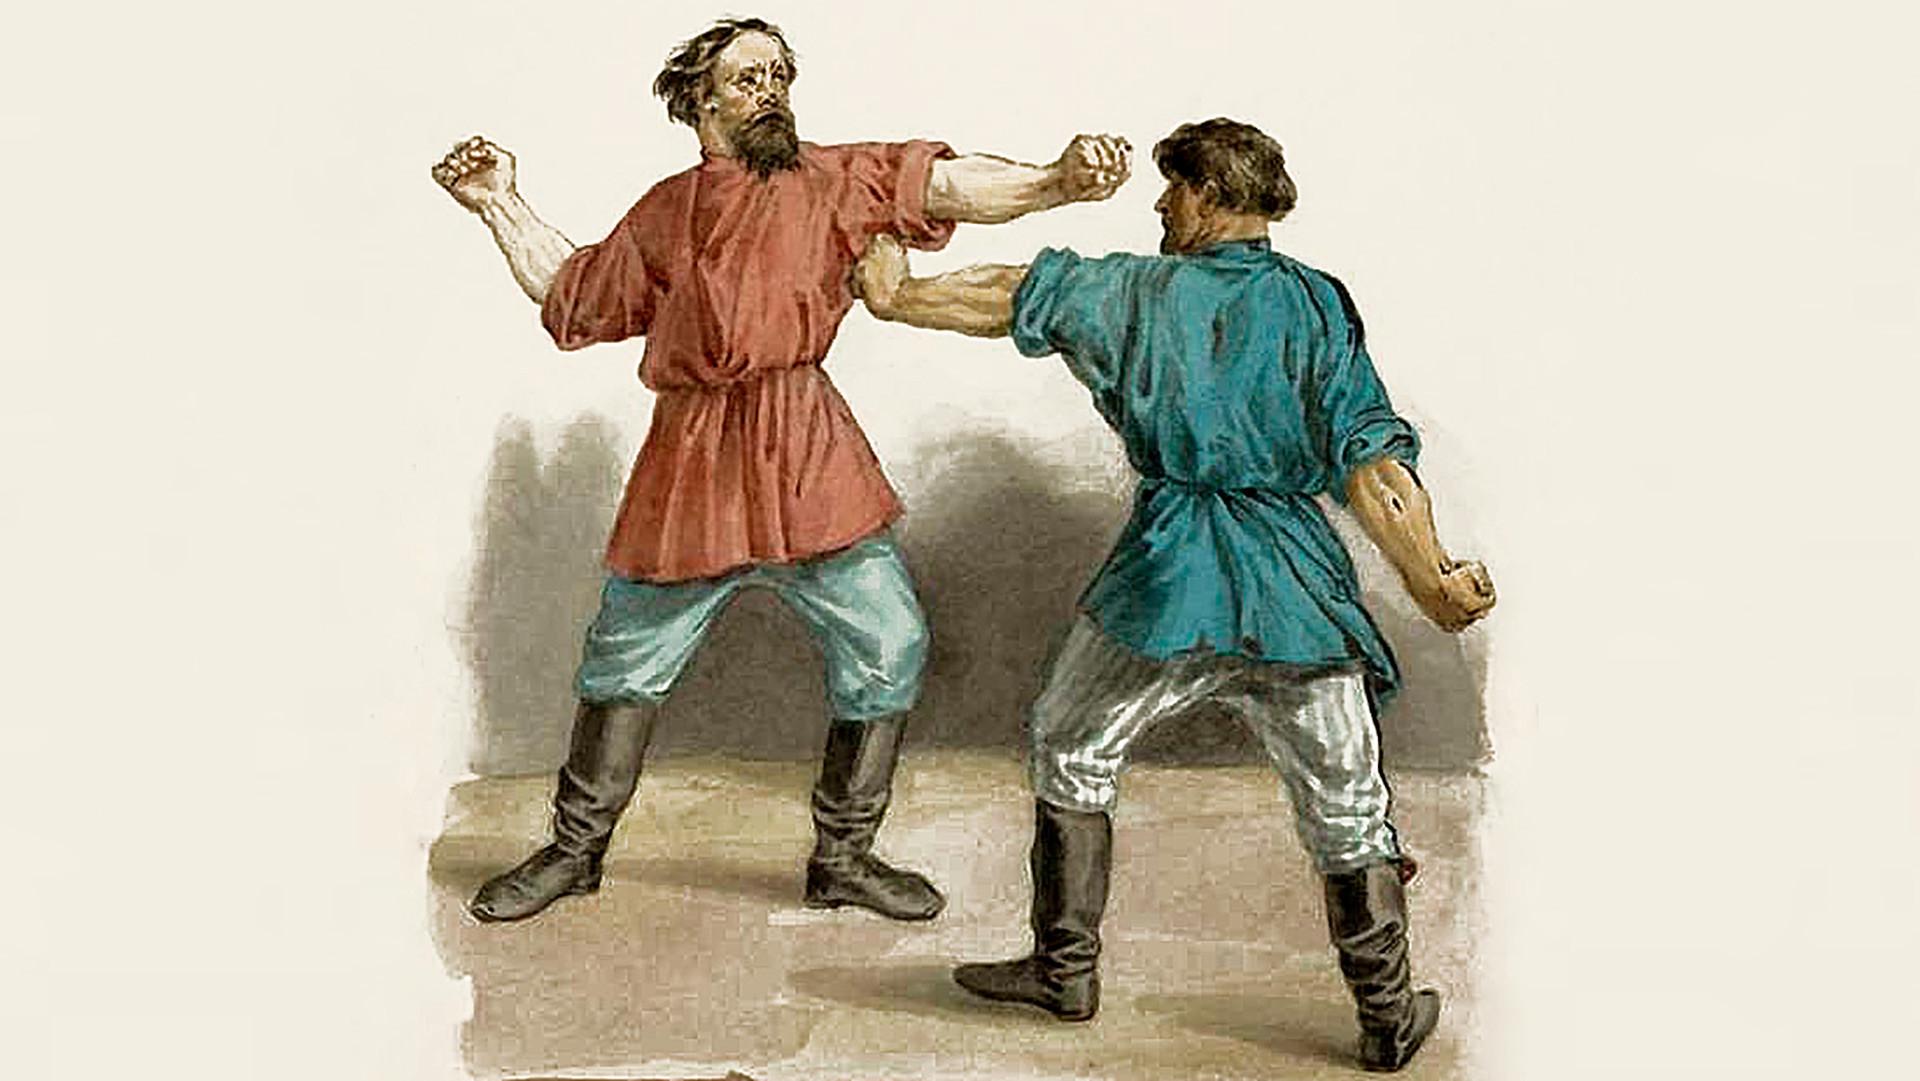 Епизода од борба со тупаници (илустрација од 19 век).